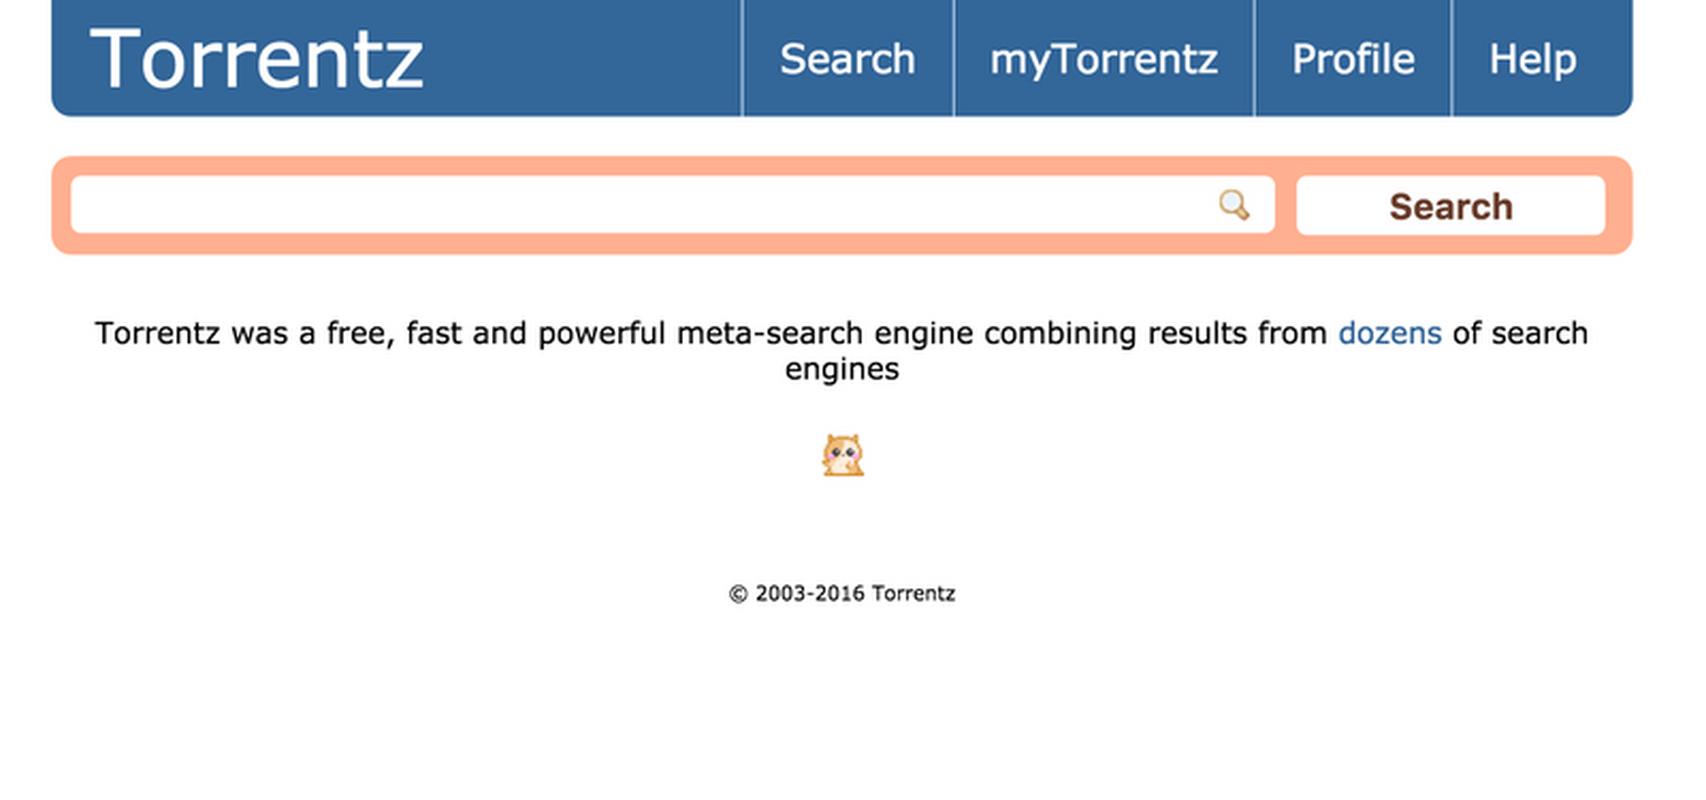 Jak pobierać torrenty na ipada (bez jailbreakingu) porady, testy.